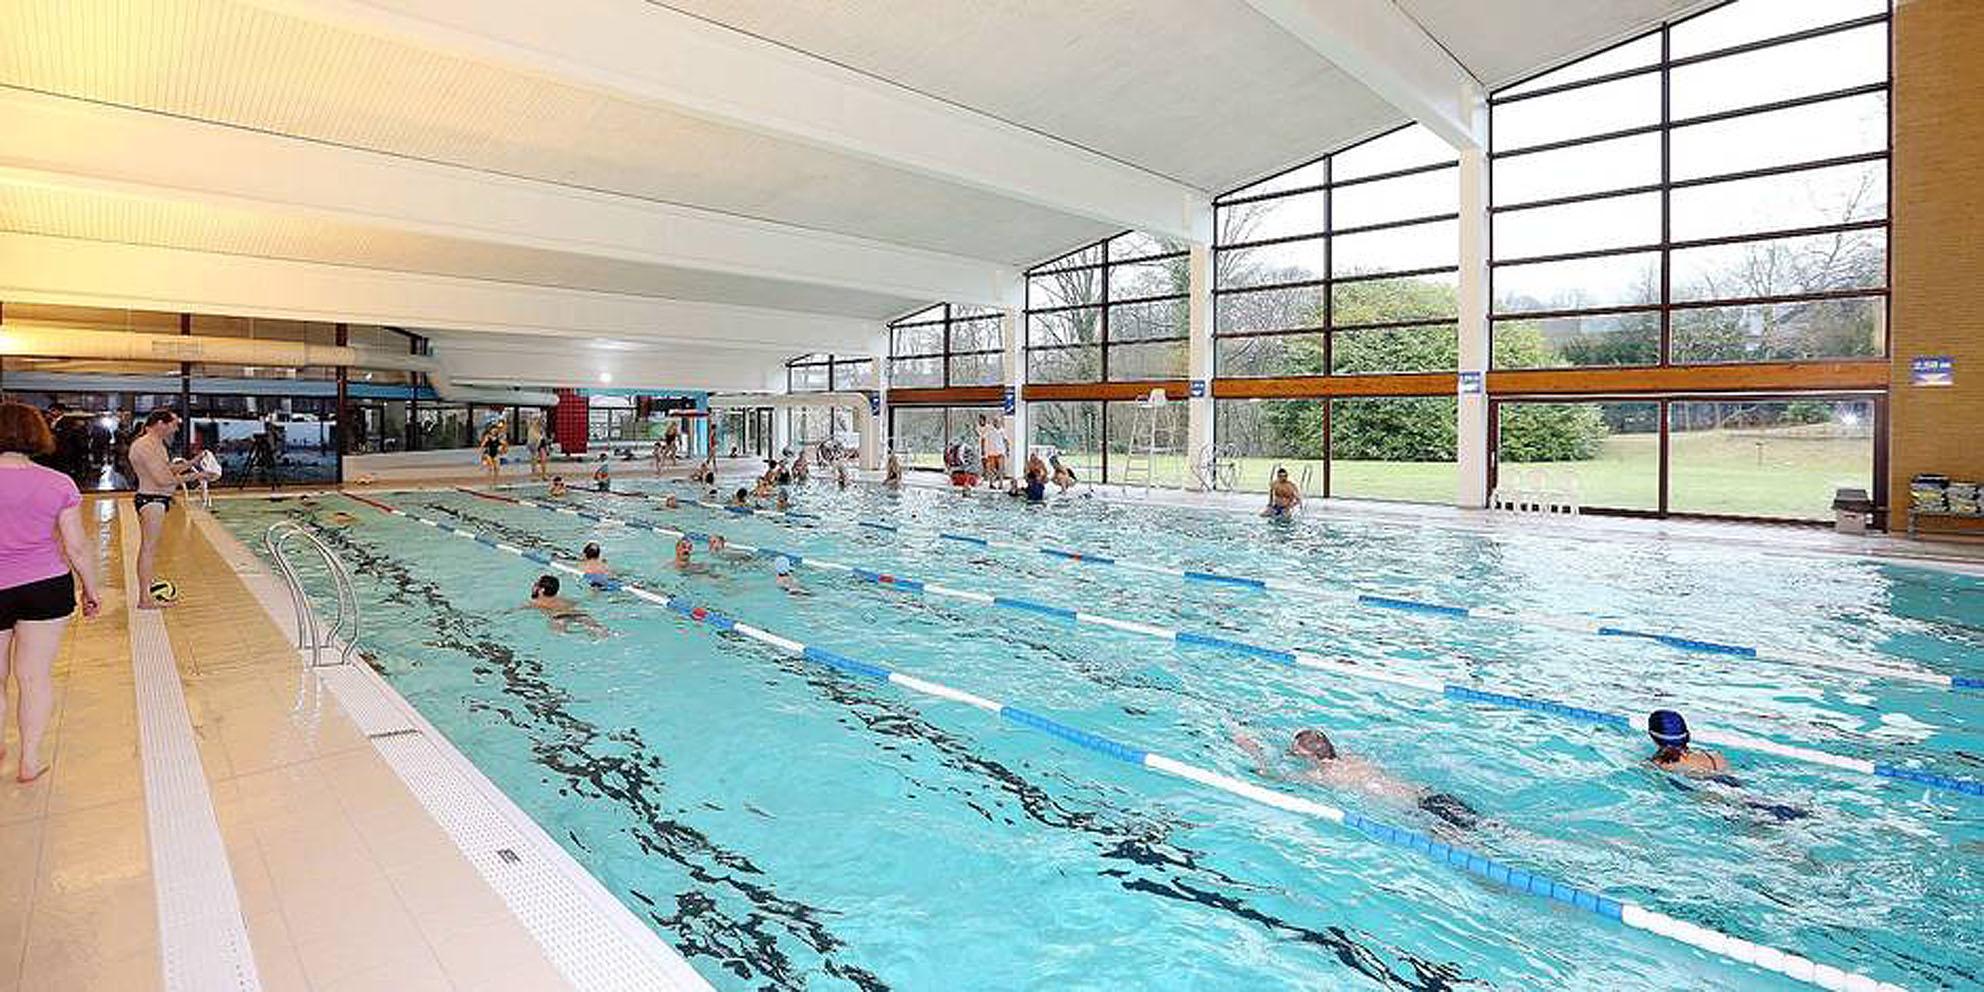 Fermeture estivale de la piscine de la maladaire mymontreux for Fermeture piscine